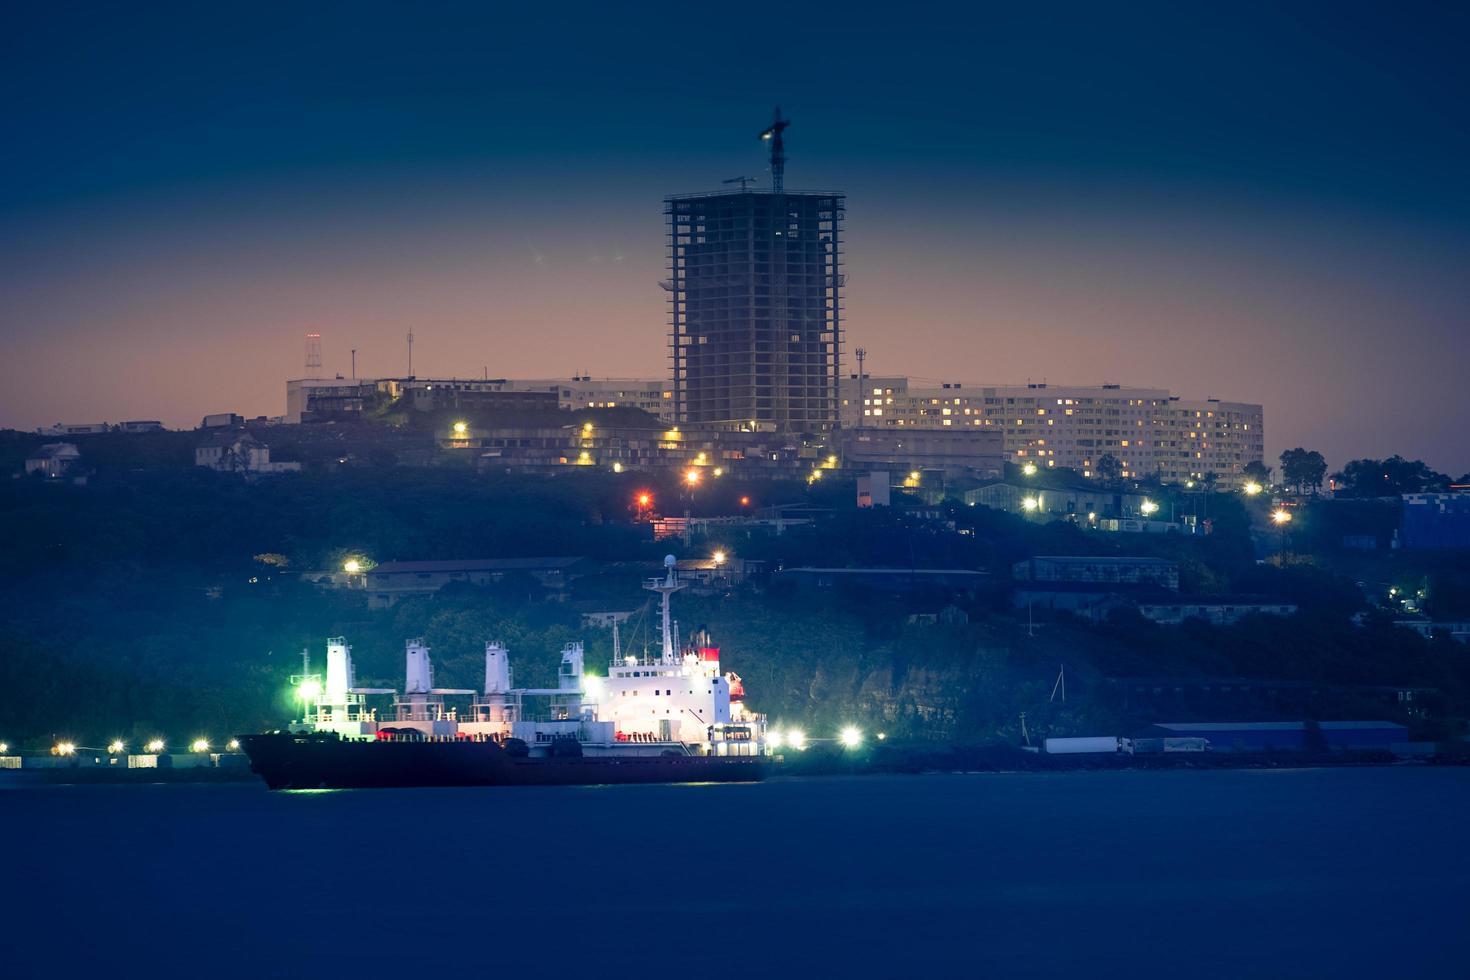 paisaje urbano con vista a la ciudad nocturna. foto